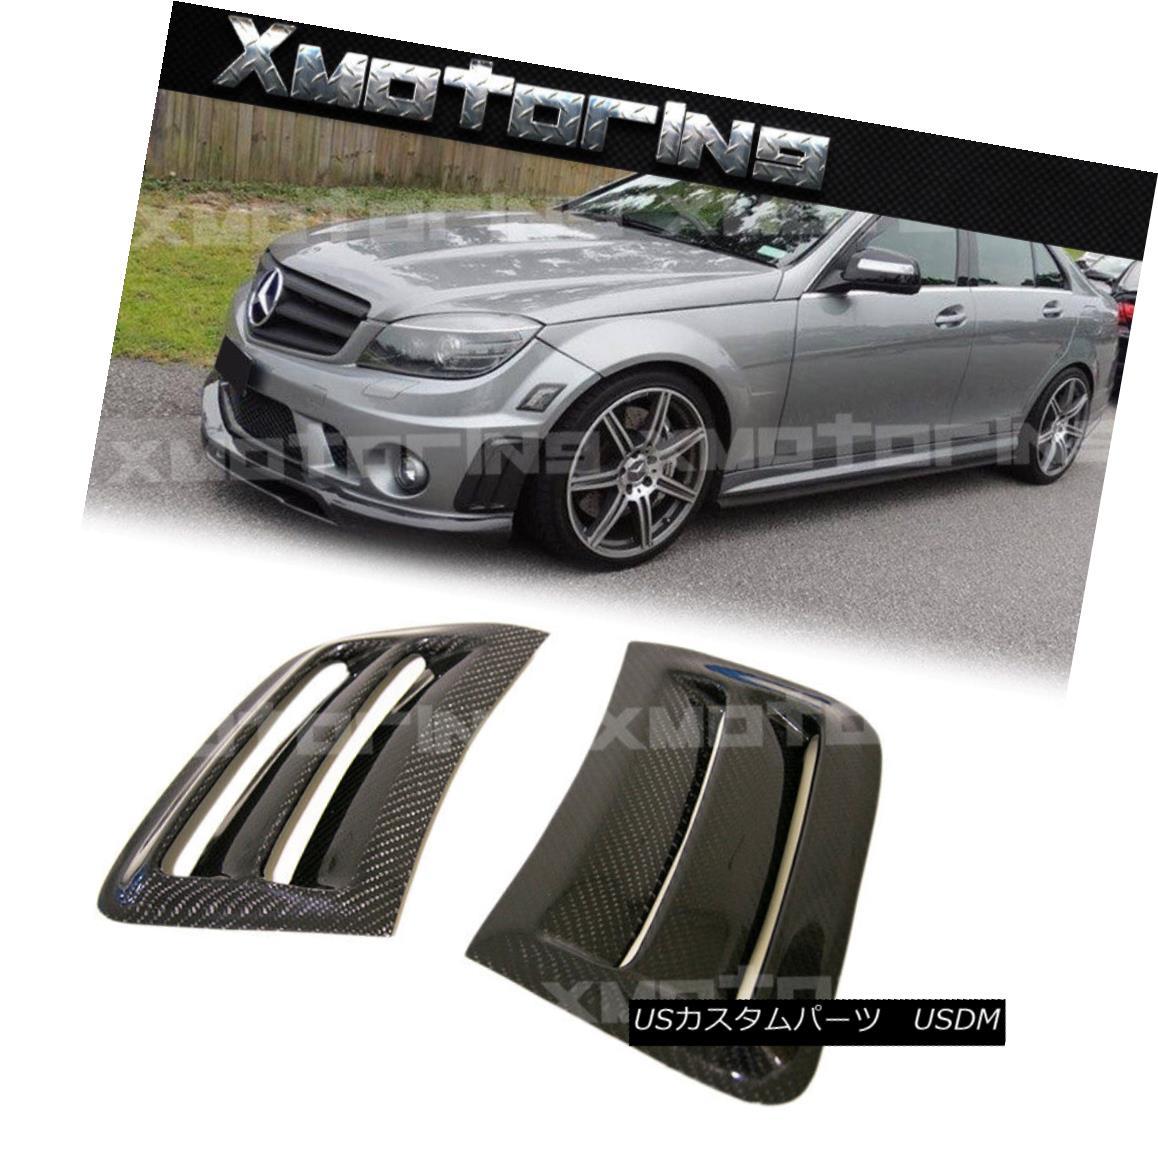 エアロパーツ Bumper Carbon Fiber Air Vent Induct 2 Side Cover For W204 C204 BENZ 08-11 C63AMG バンパー・カーボン・ファイバーエアー・ベント・インダクター2サイド・カバーW204 C204用BENZ 08-11 C63AMG